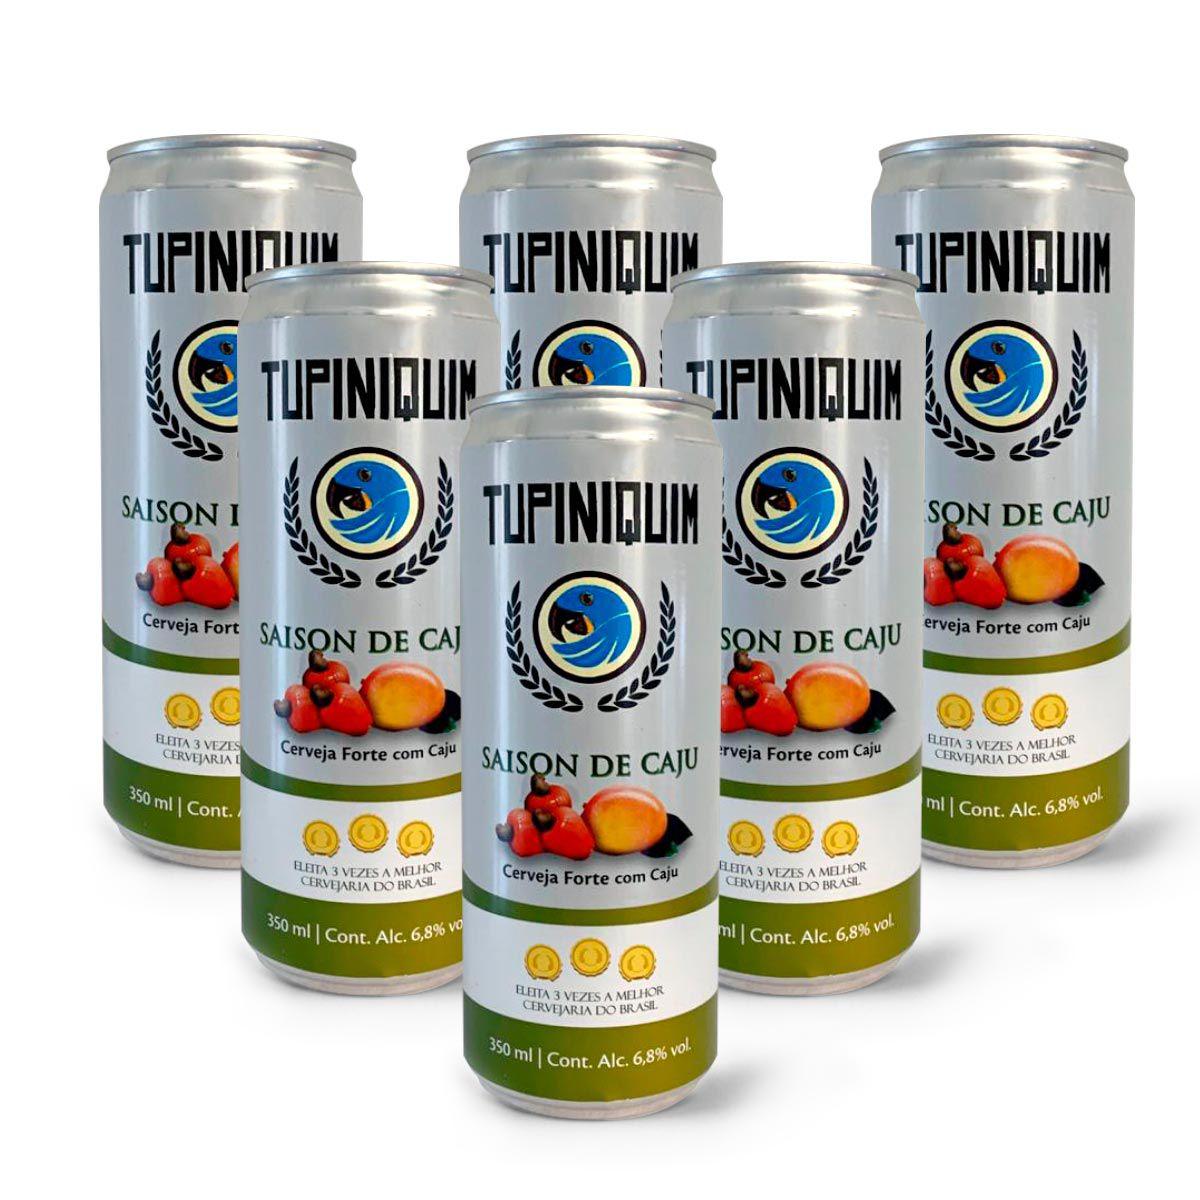 Pack Tupiniquim Saison Cajú 6 latas 350ml